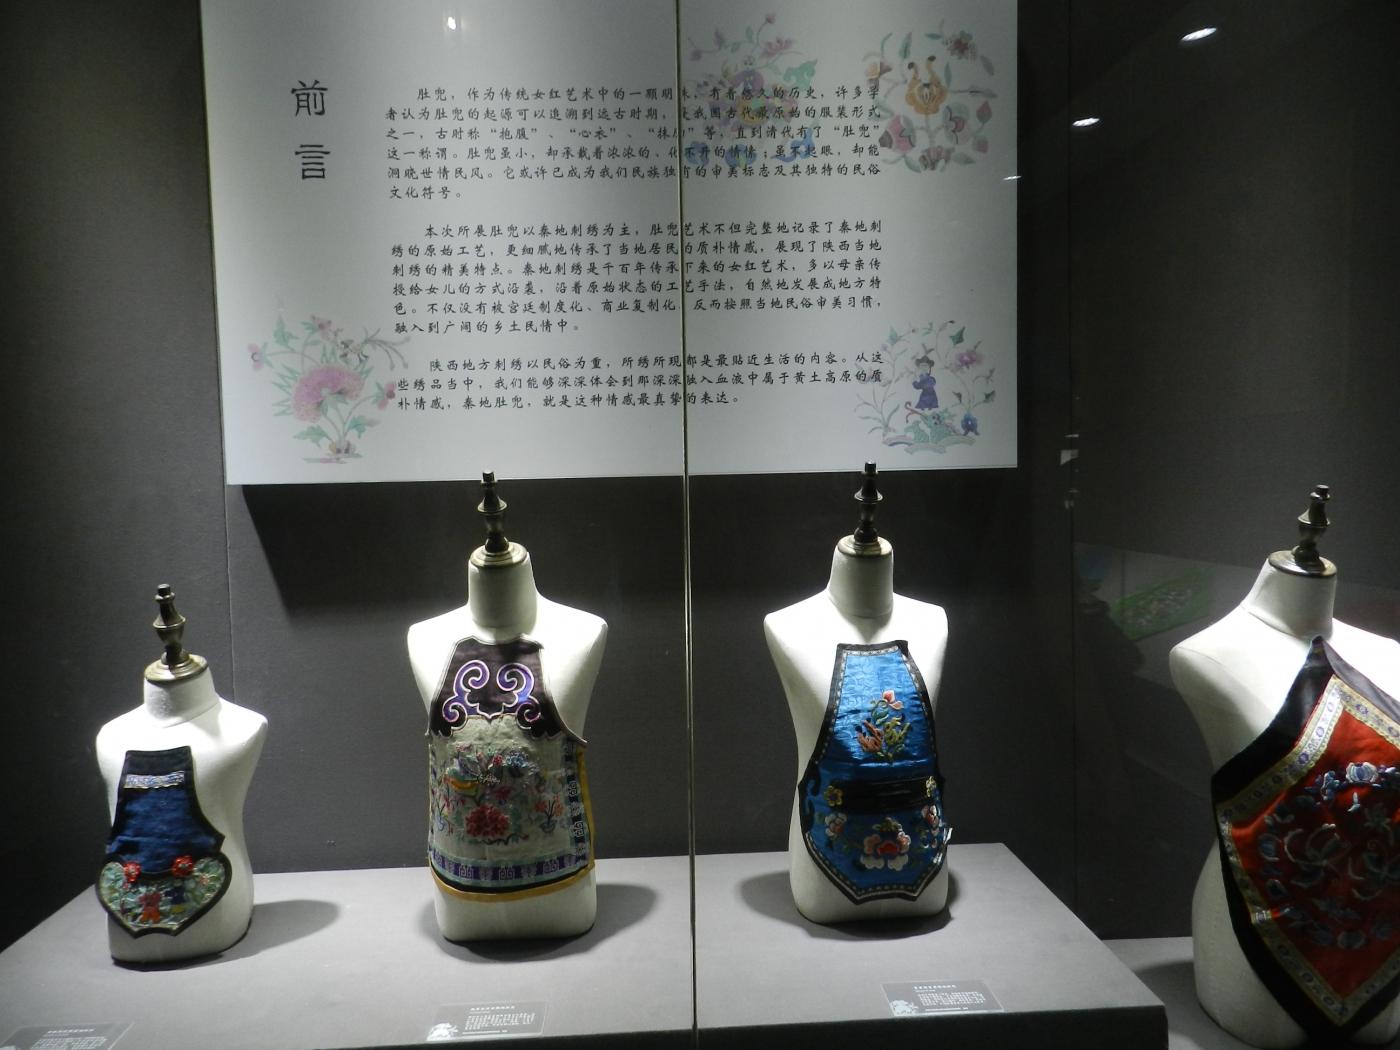 【汉良子】西安钟楼(图)_图1-10